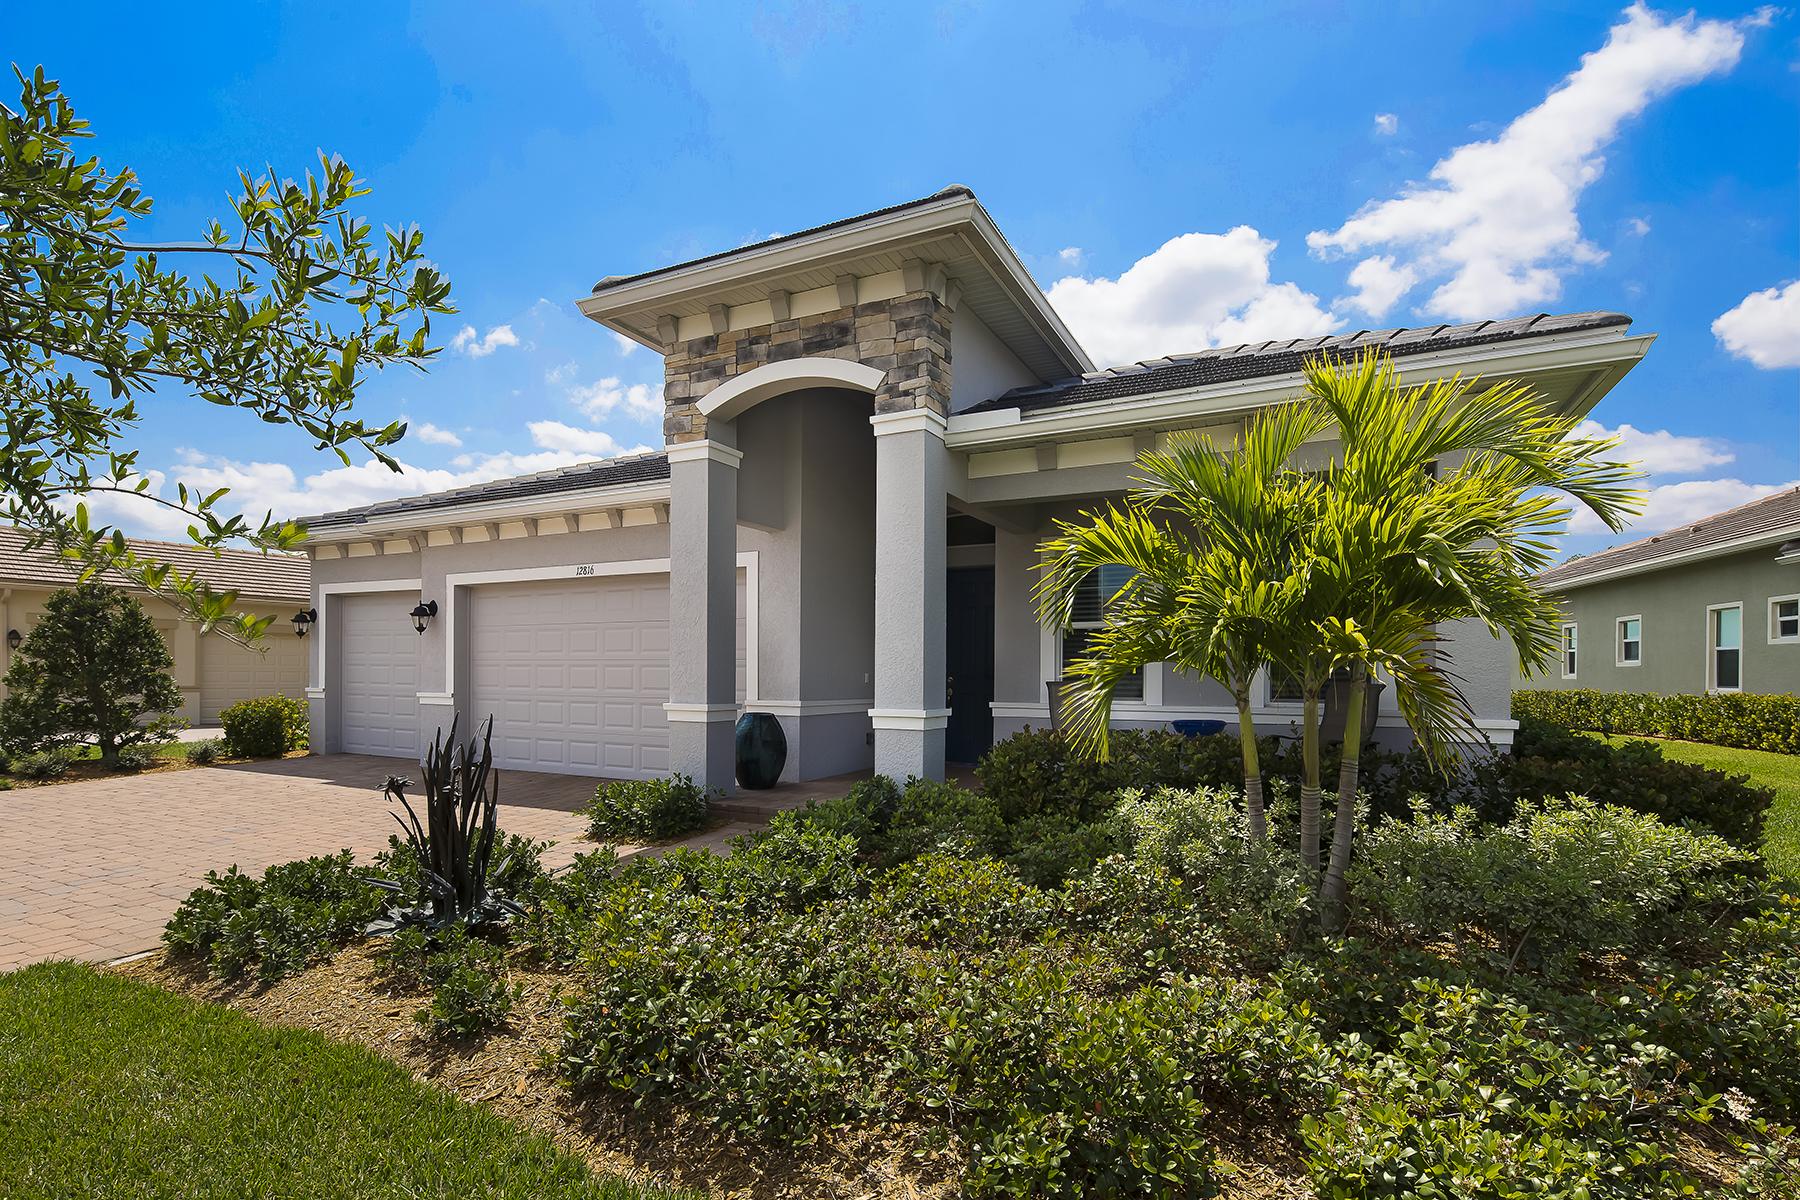 Casa Unifamiliar por un Venta en VERANDAH - FAIRWAY COVE 12816 Fairway Cove Ct Fort Myers, Florida, 33905 Estados Unidos